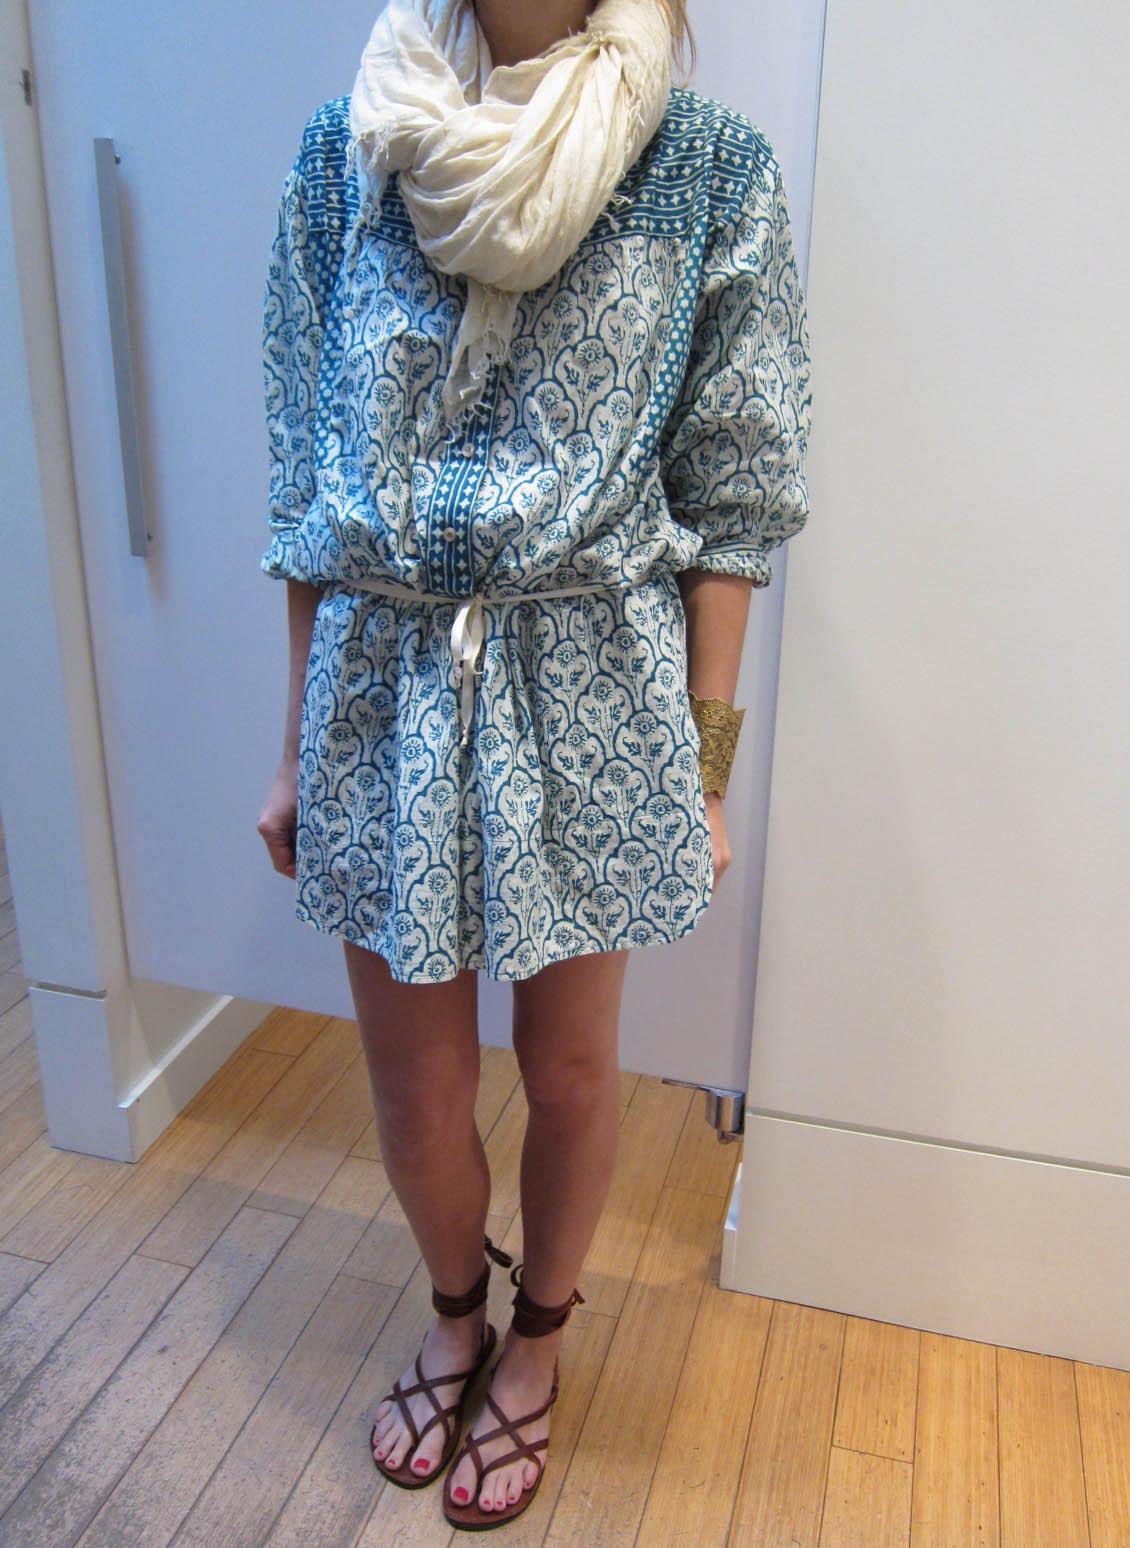 b0b02dac16793e Suche großes, locker gewebtes, einfarbiges Tuch - Fashion ...